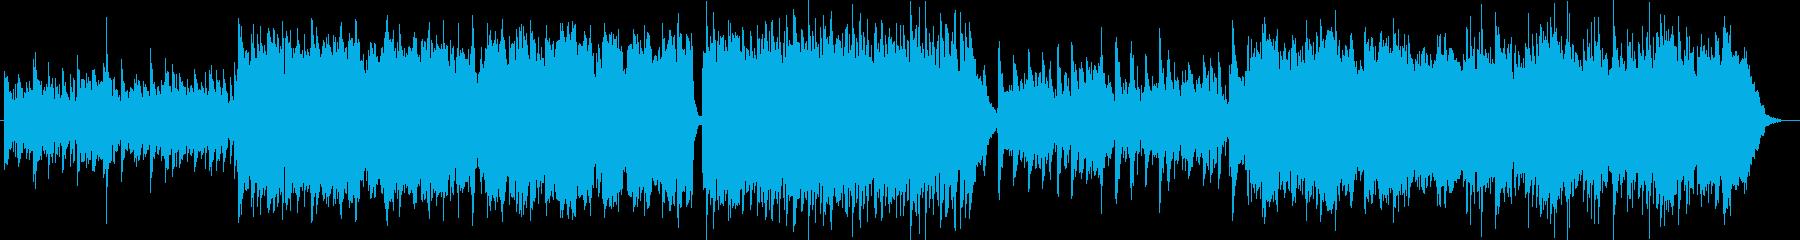 悲しげなシンセサイザーサウンドの再生済みの波形